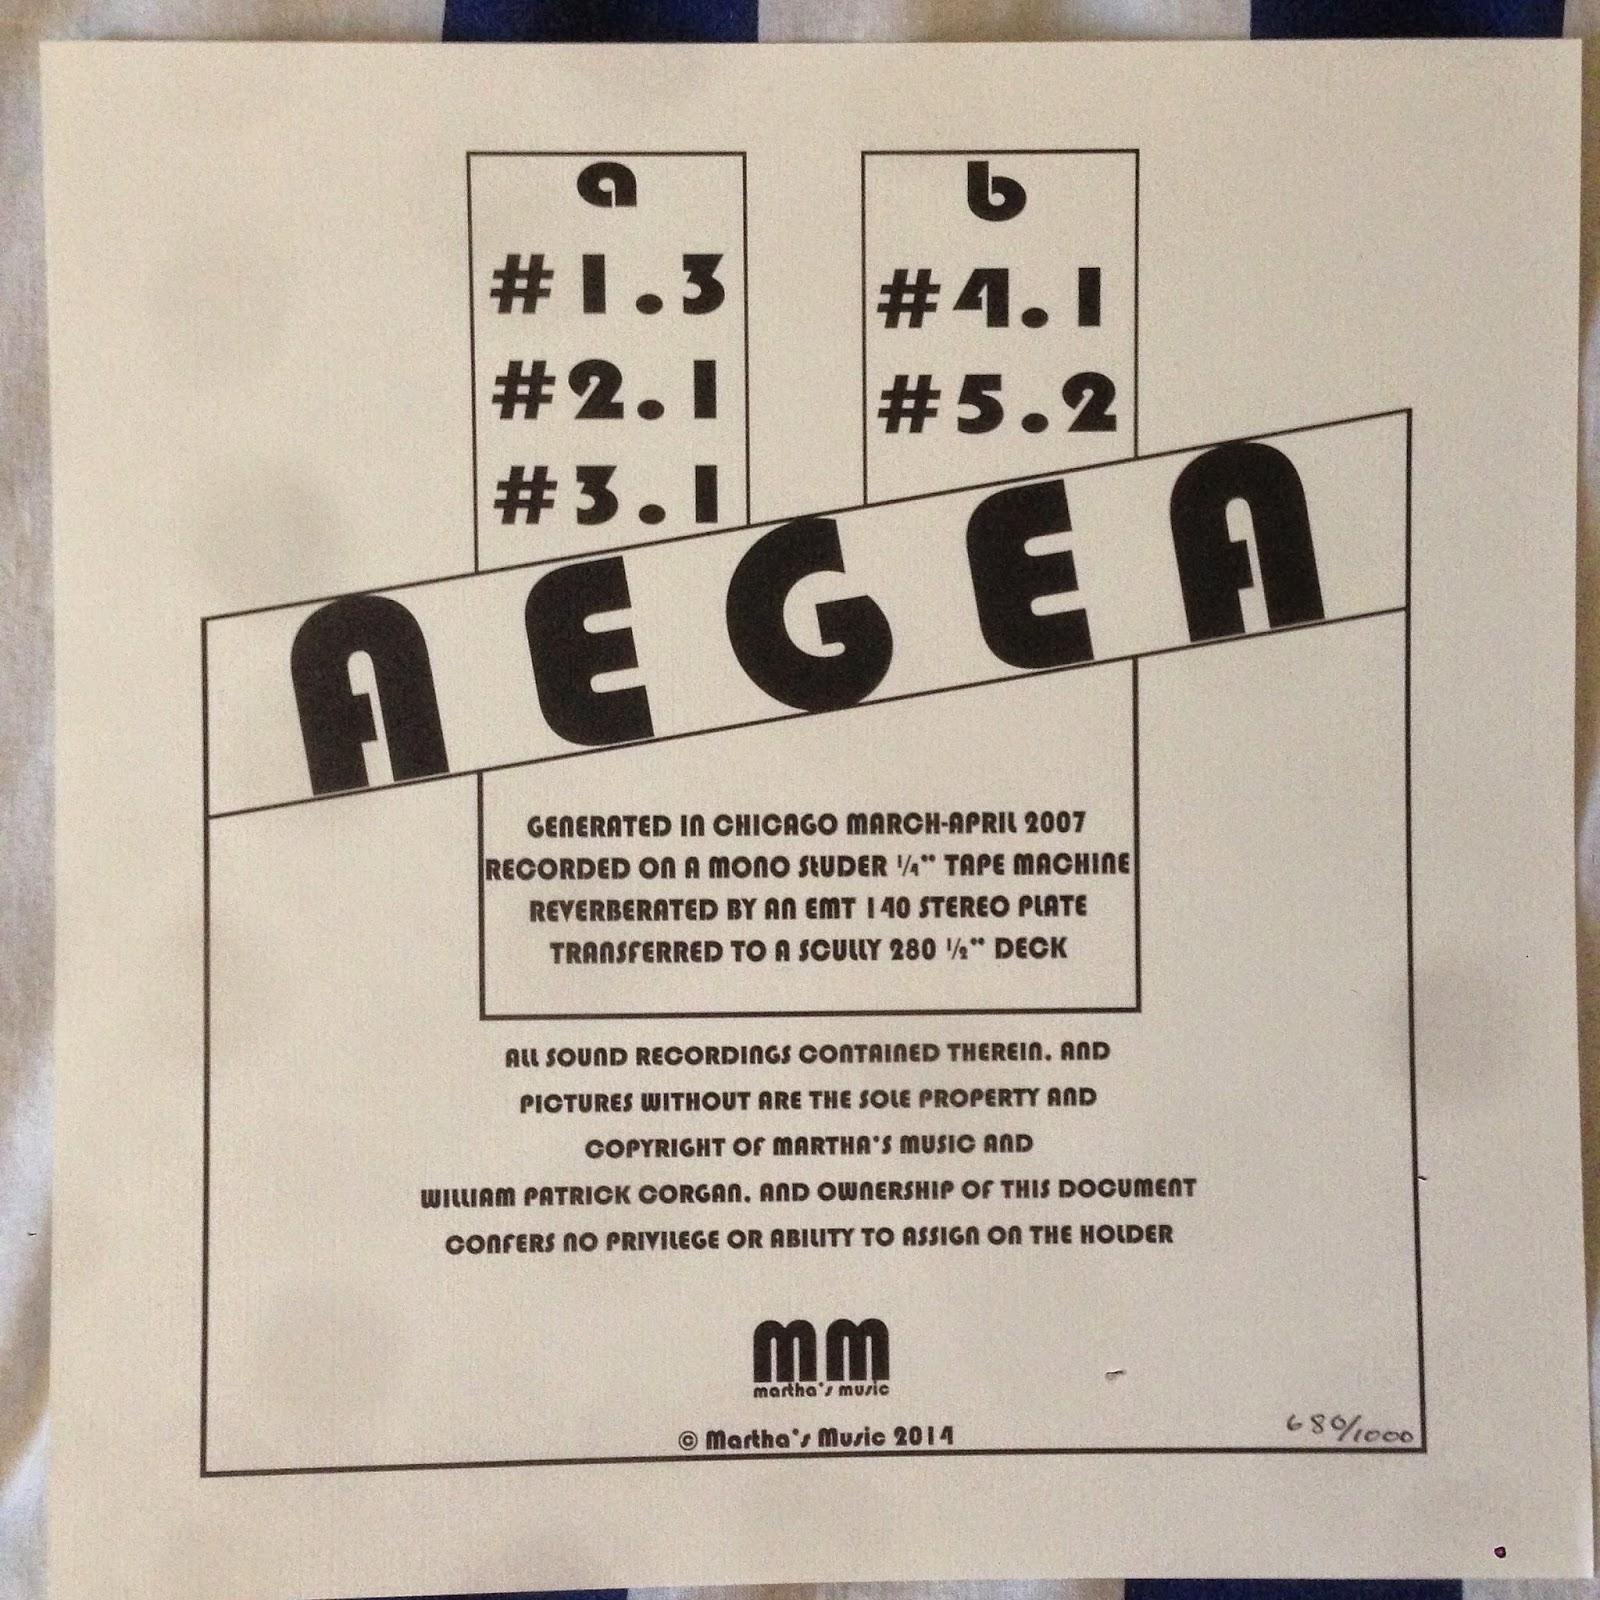 AEGEA by Billy Corgan